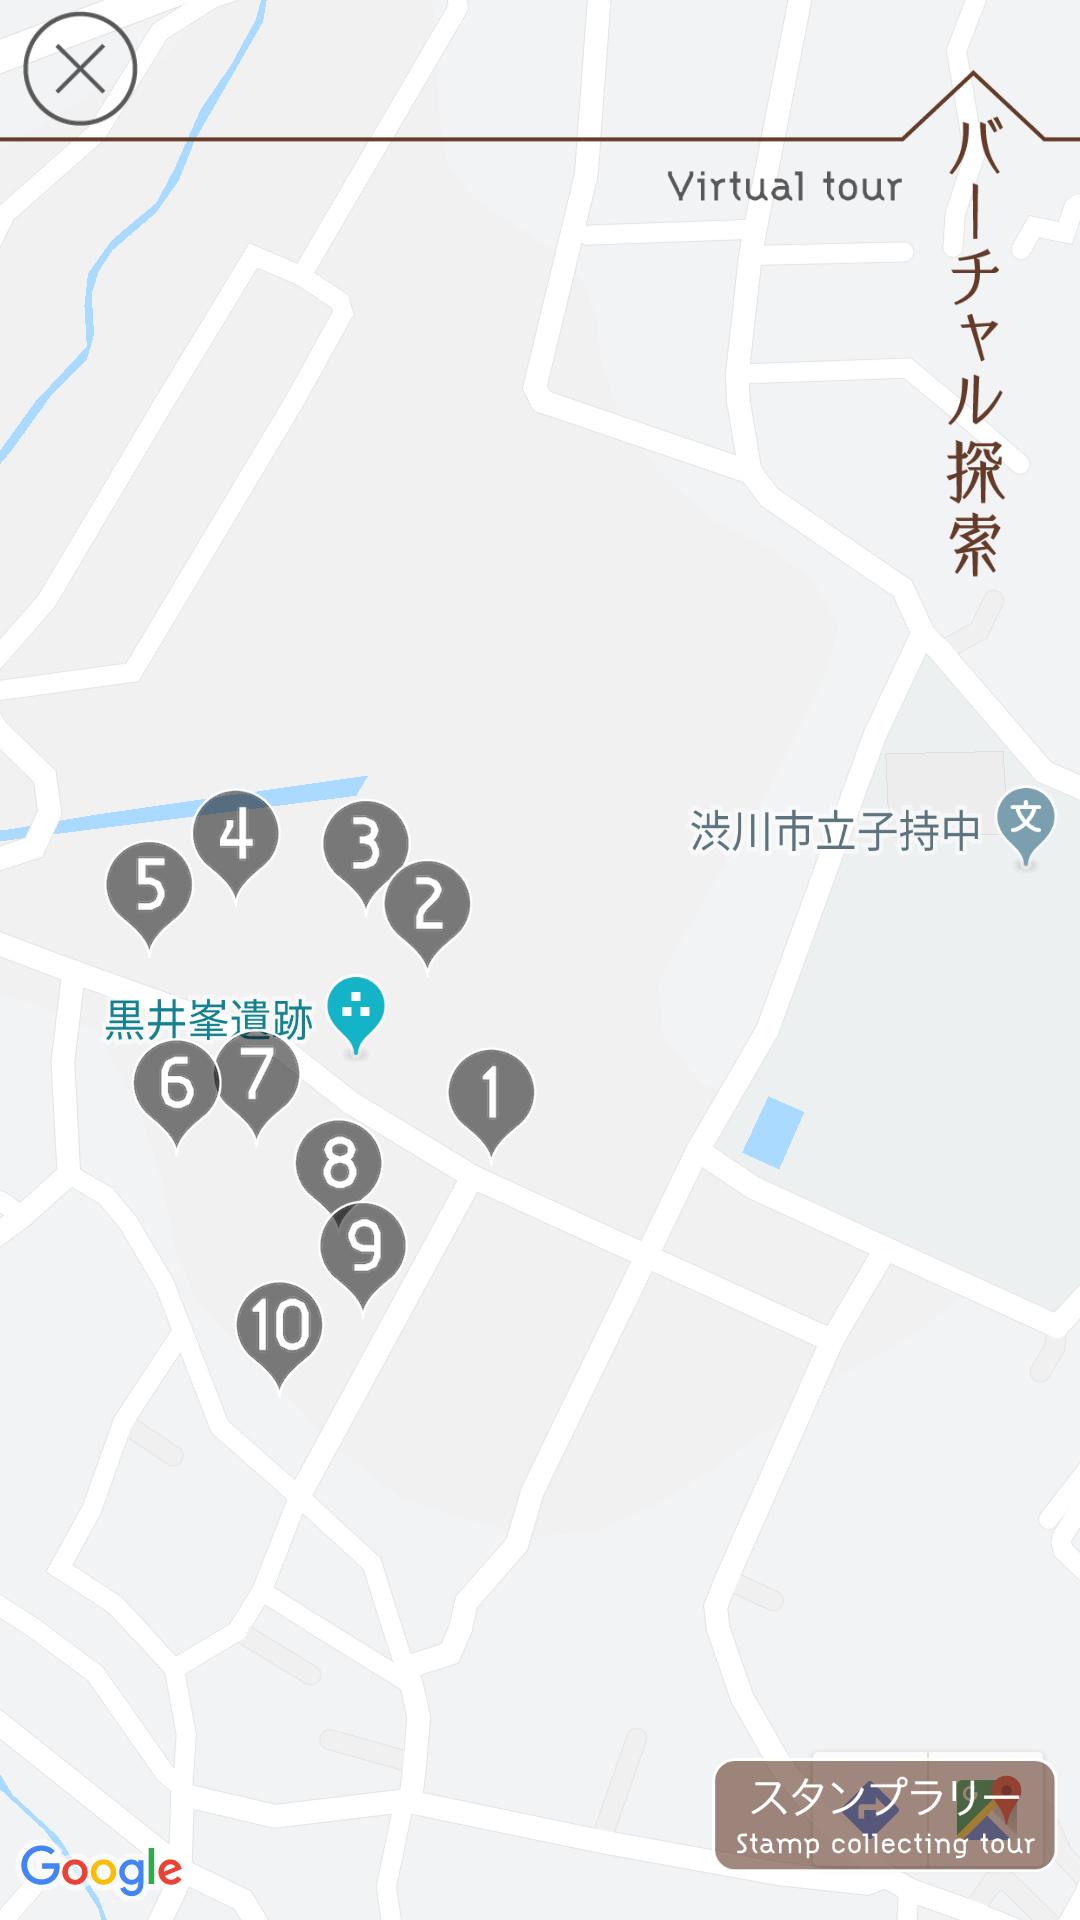 黒井峯タイムトラベル スタンプラリーポイント